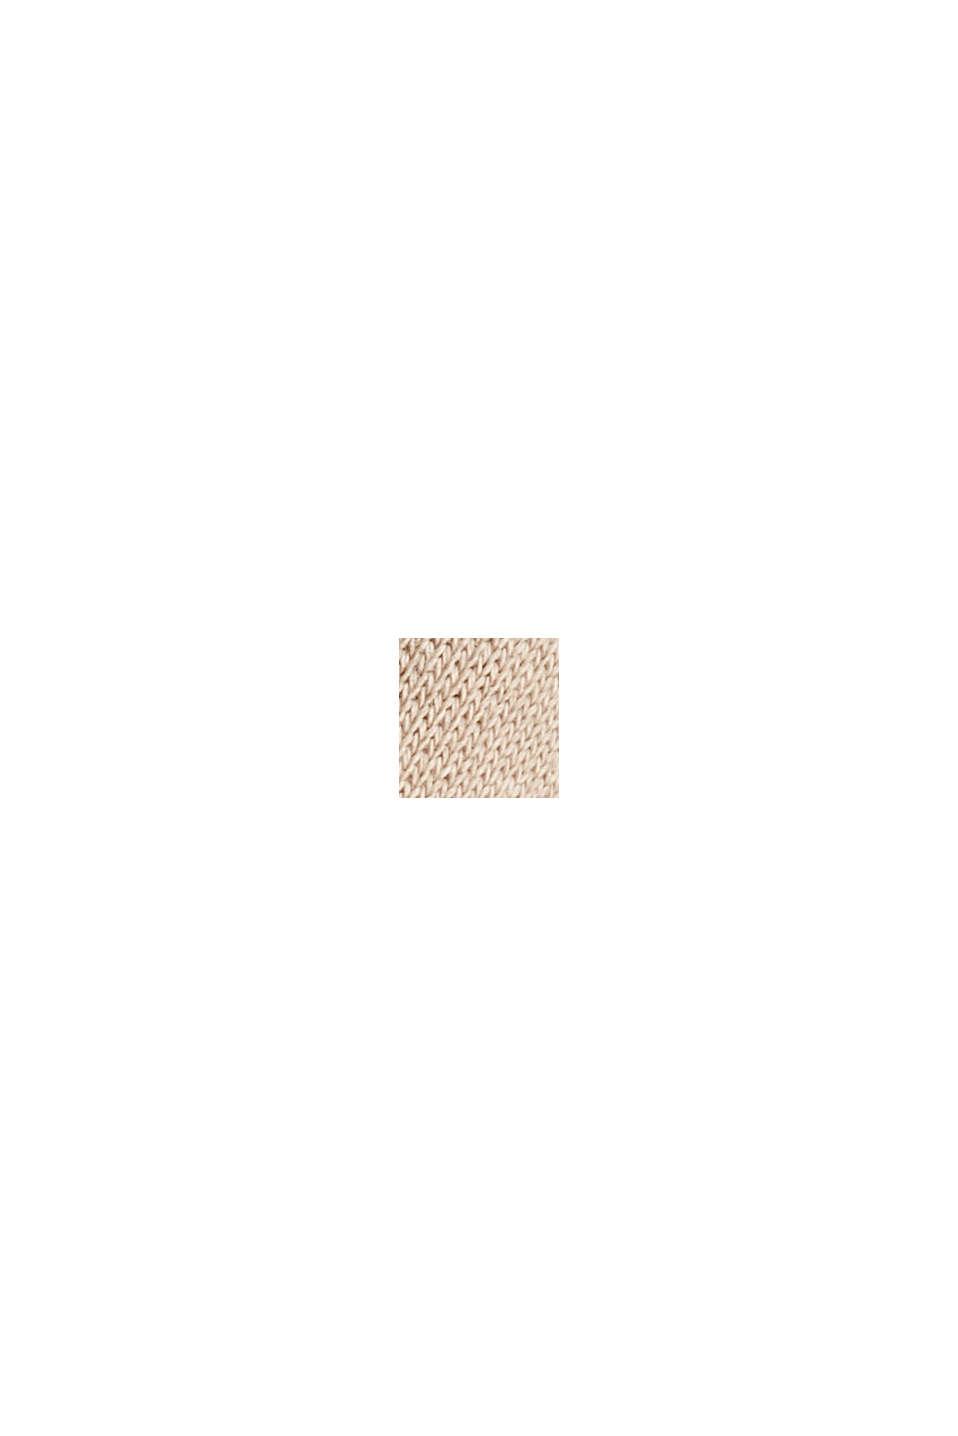 Sweat à capuche décontracté orné d'un logo, 100% coton biologique, LIGHT TAUPE, swatch